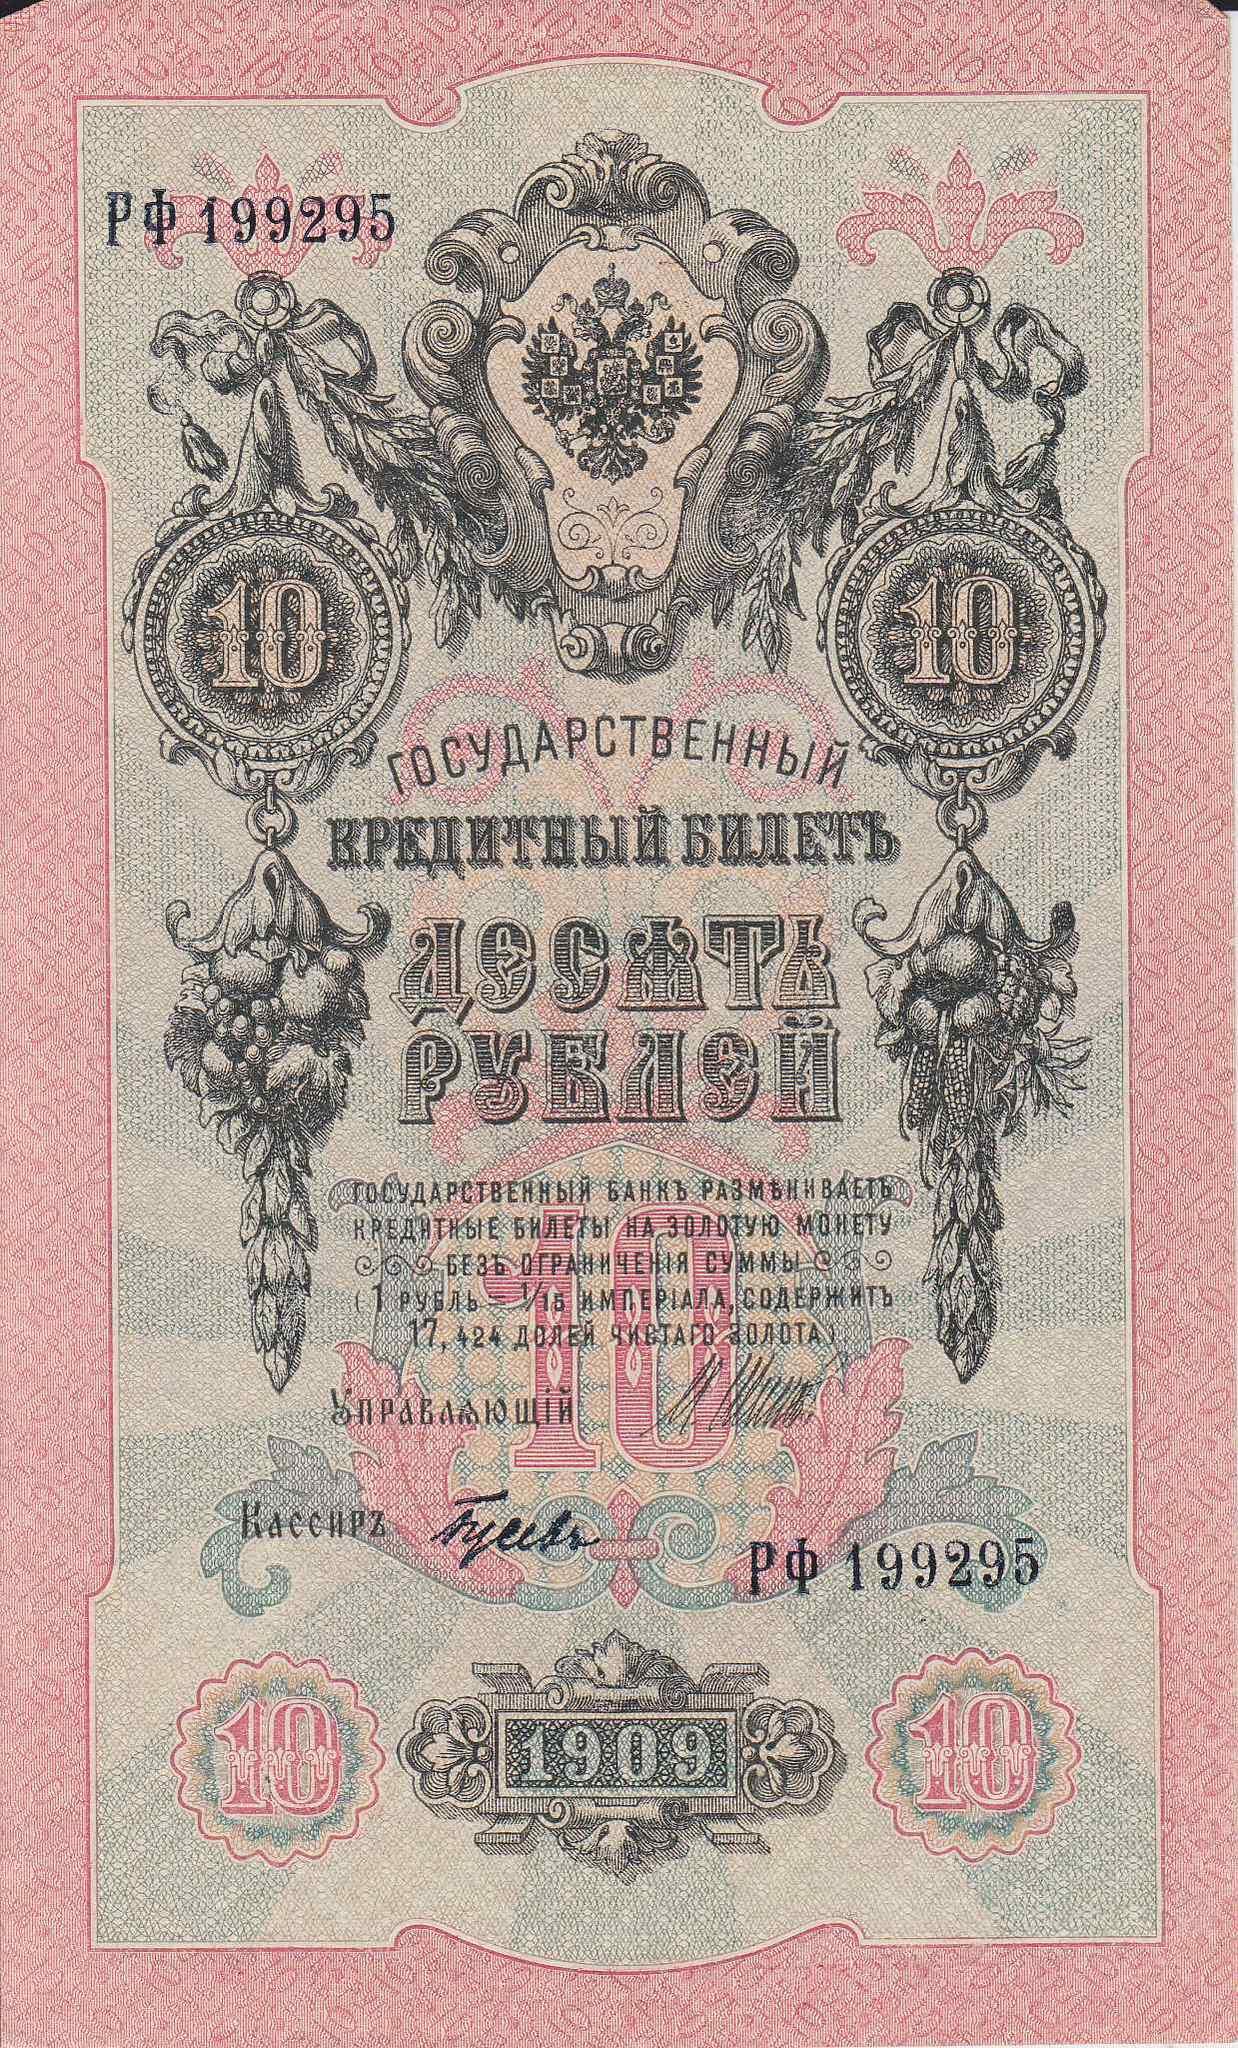 Банкнота Россия 1909 год 10 рублей Шипов/Гусев РФ